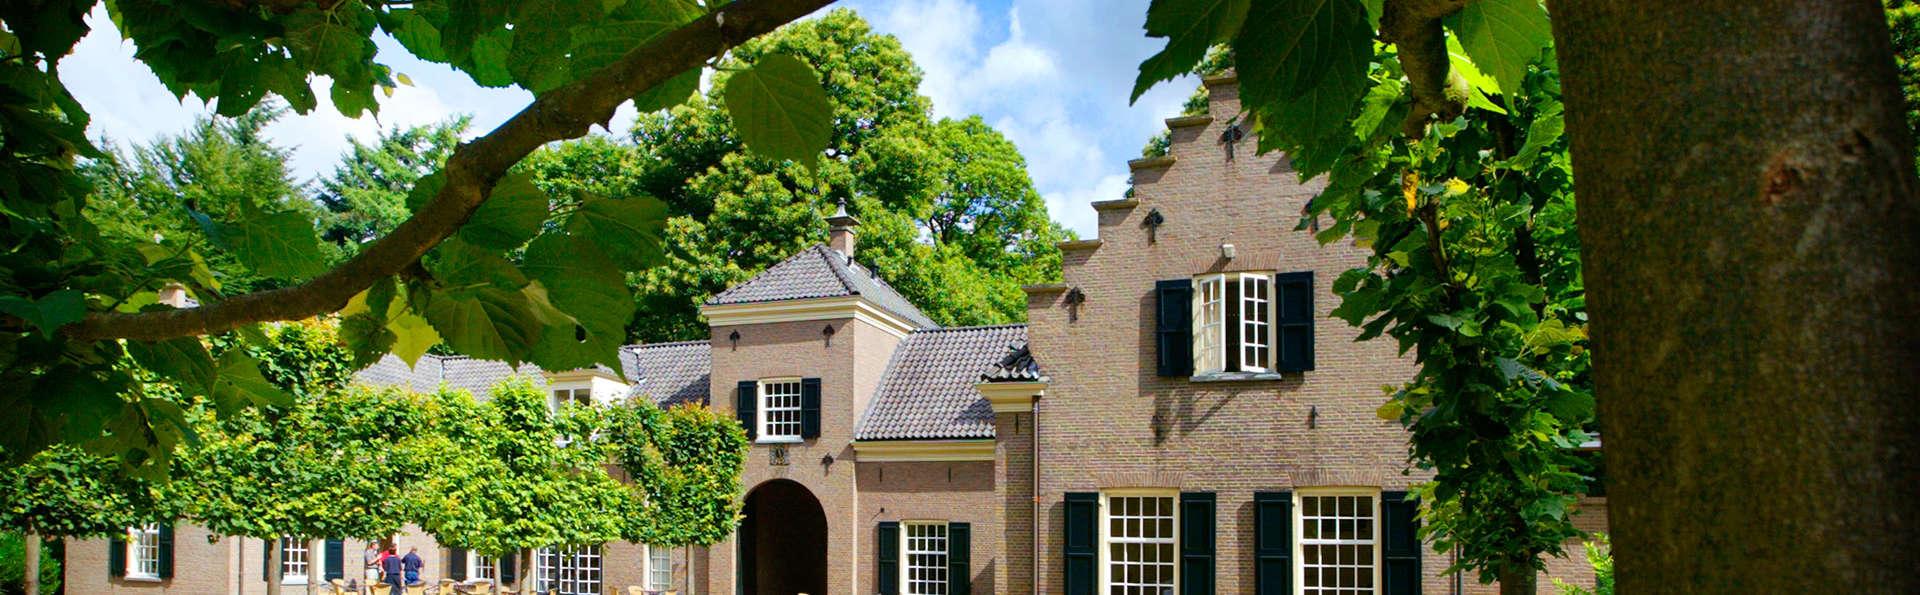 Au cœur du parc national Utrechtse Heuvelrug